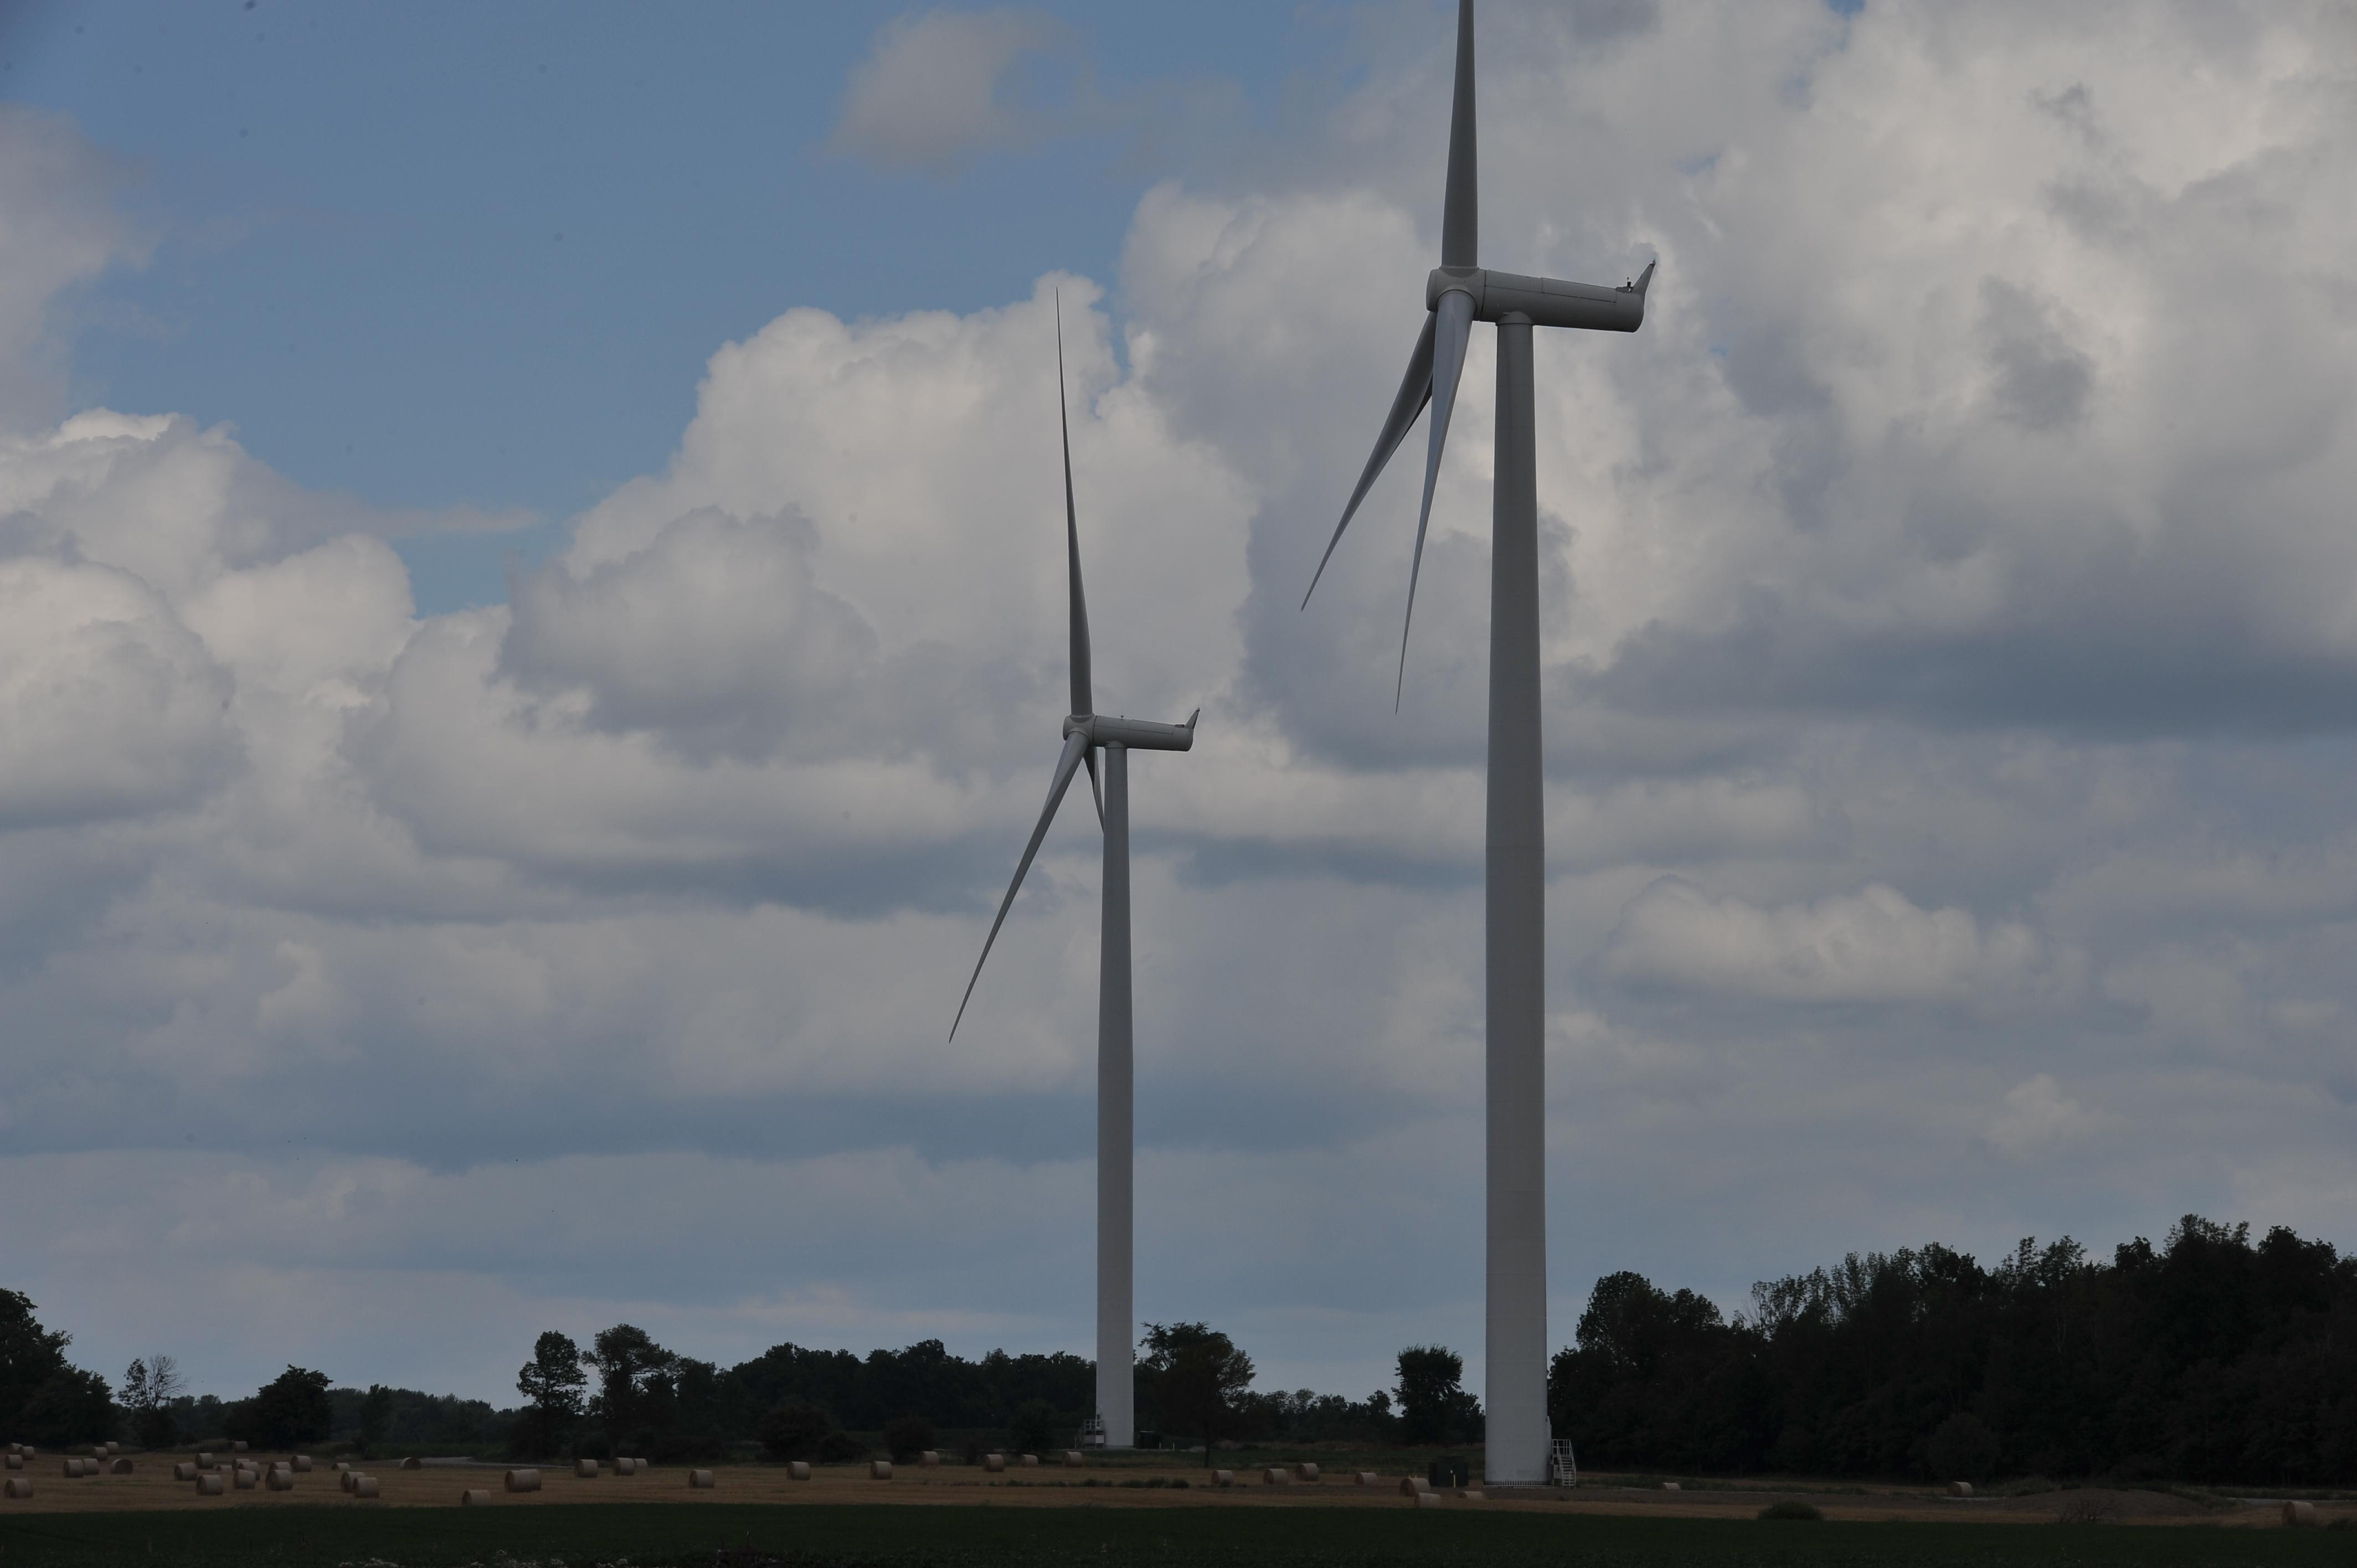 ESTUDIOS ENERGÉTICOS: Productos de electricidad de Electricidad Lagasca 30